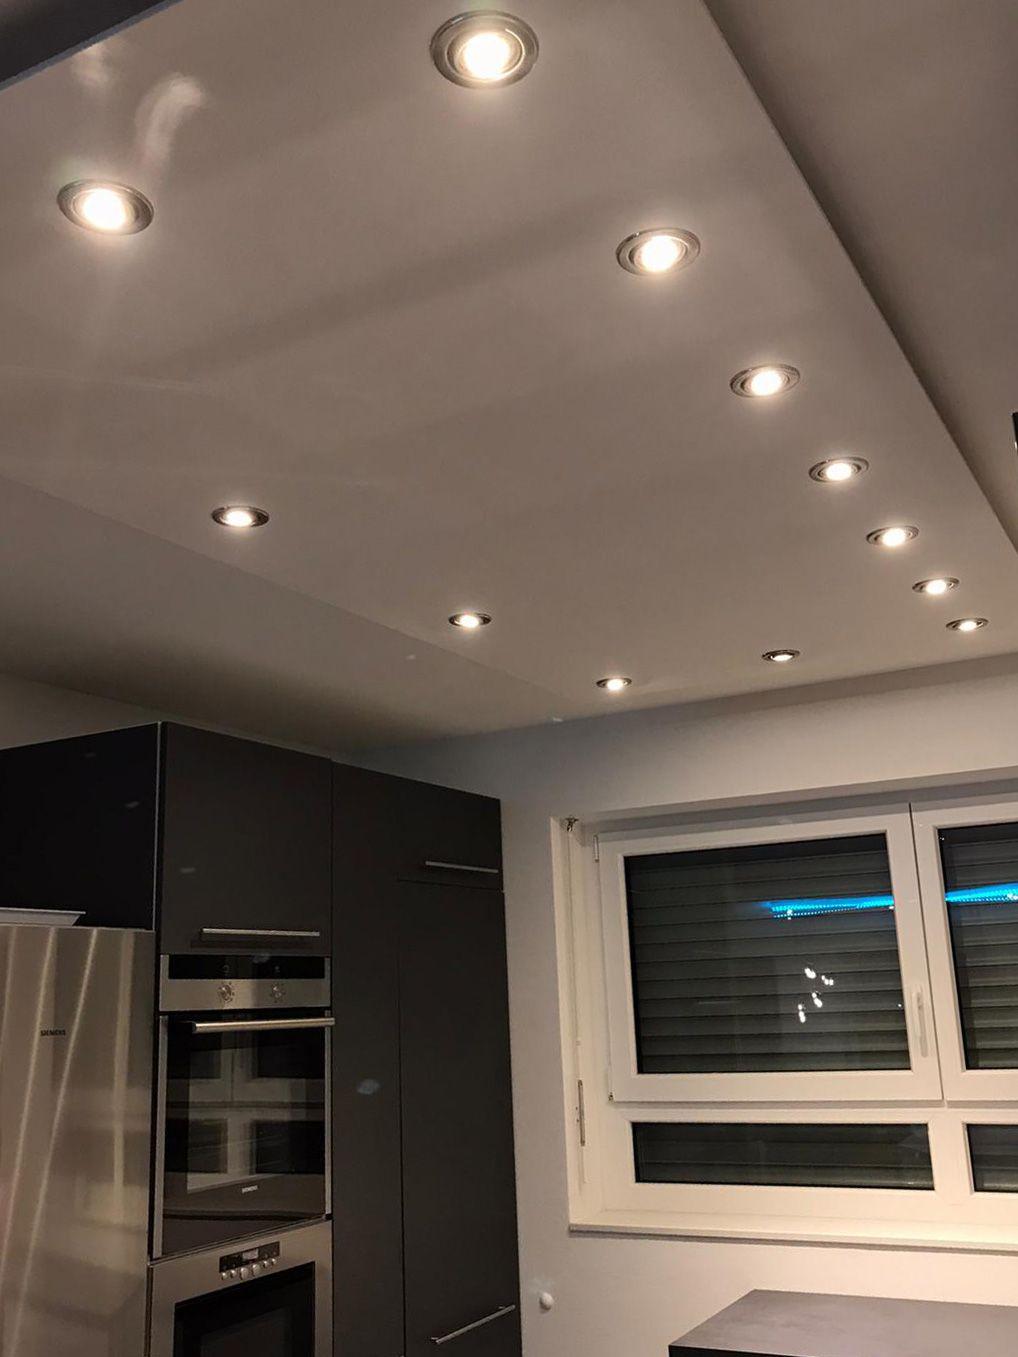 Deckensegel Abgehangte Decke Mit Indirekter Beleuchtung In 2020 Beleuchtung Beleuchtung Decke Beleuchtungsideen